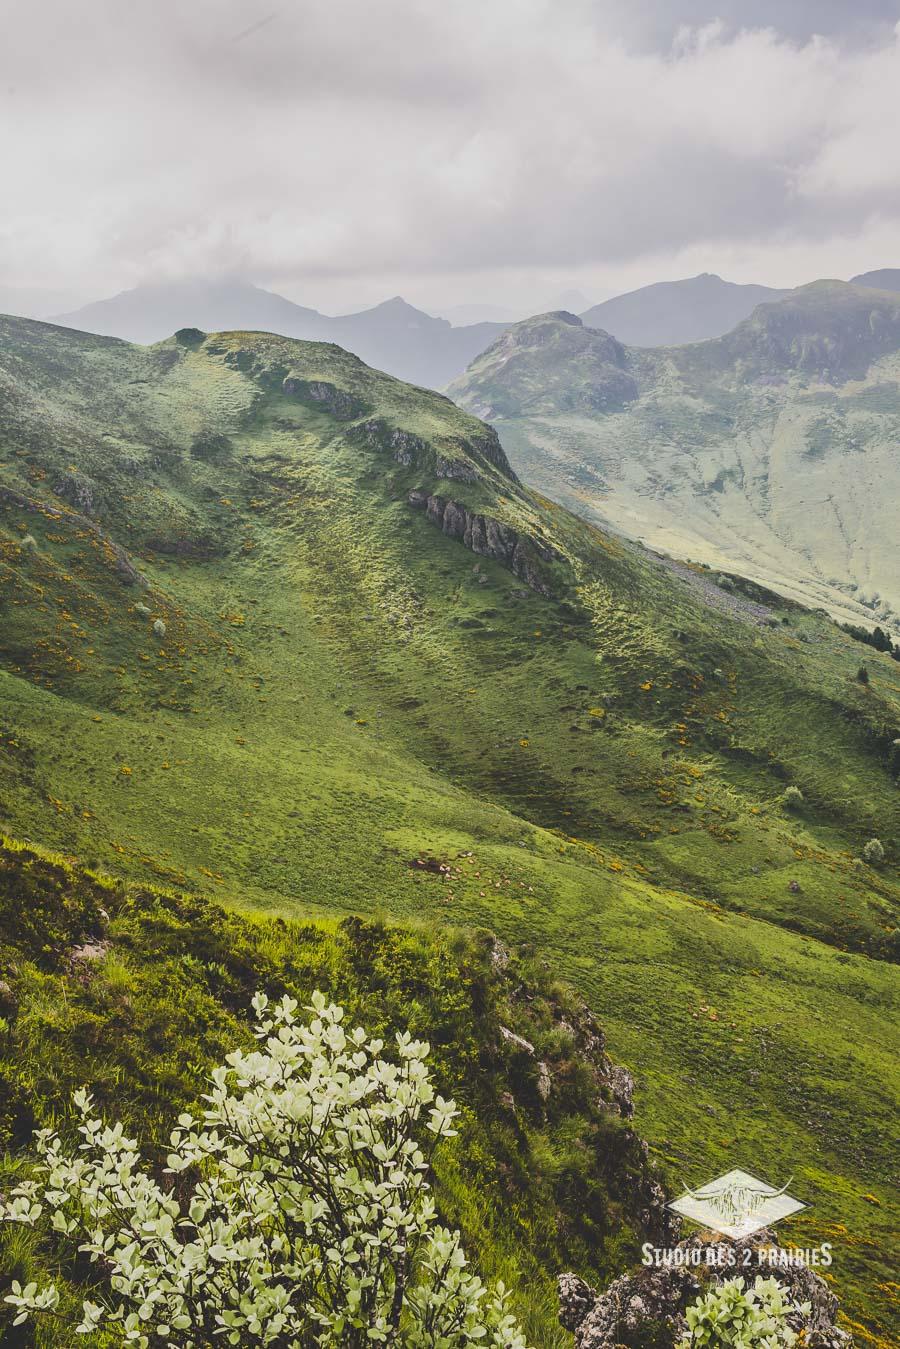 Les 7 fontaines - photos paysages Mont du Cantal - Parc des Volcans d'Auvergne